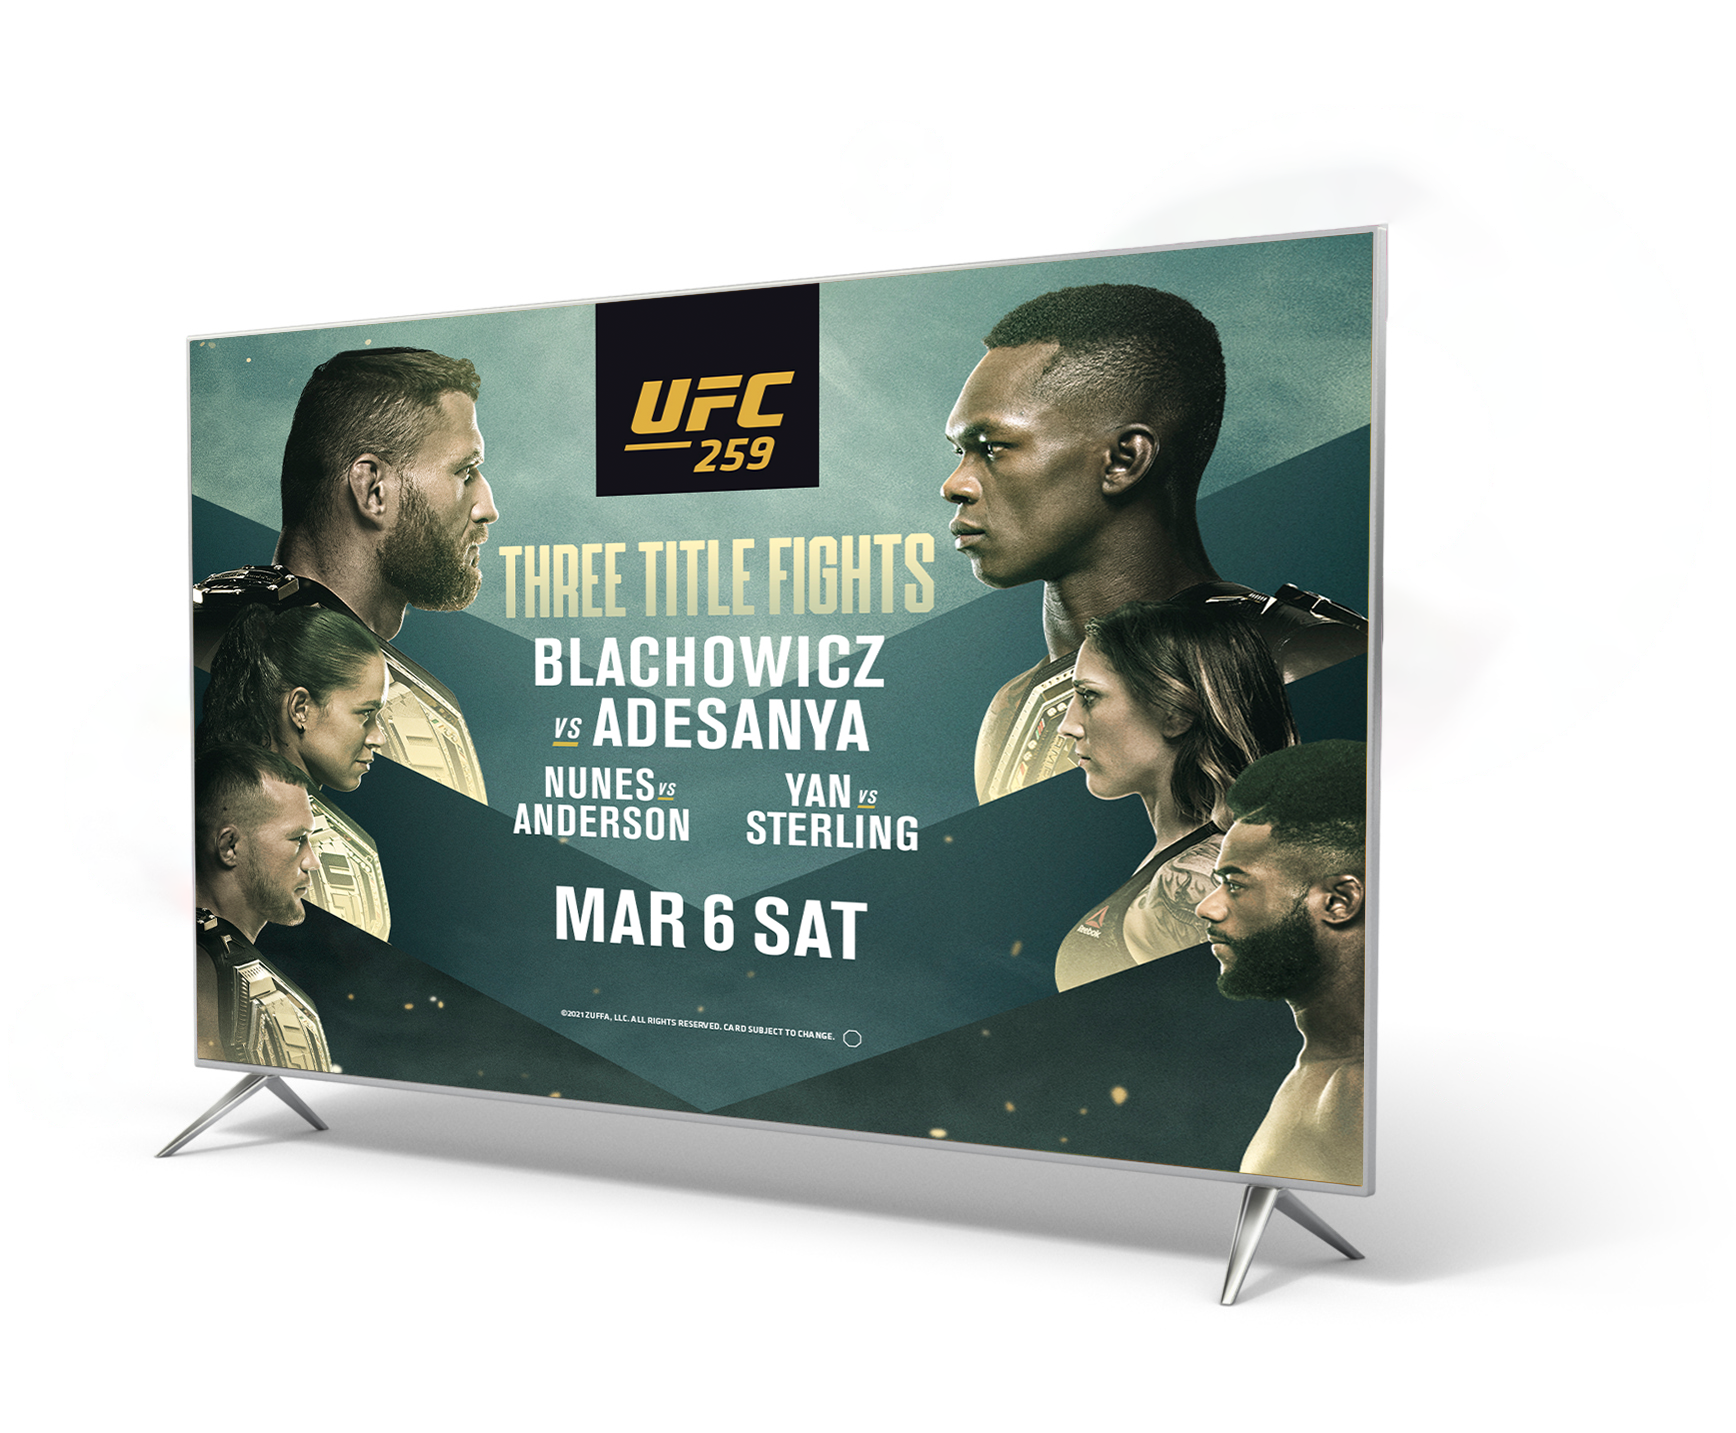 UFC 259 en